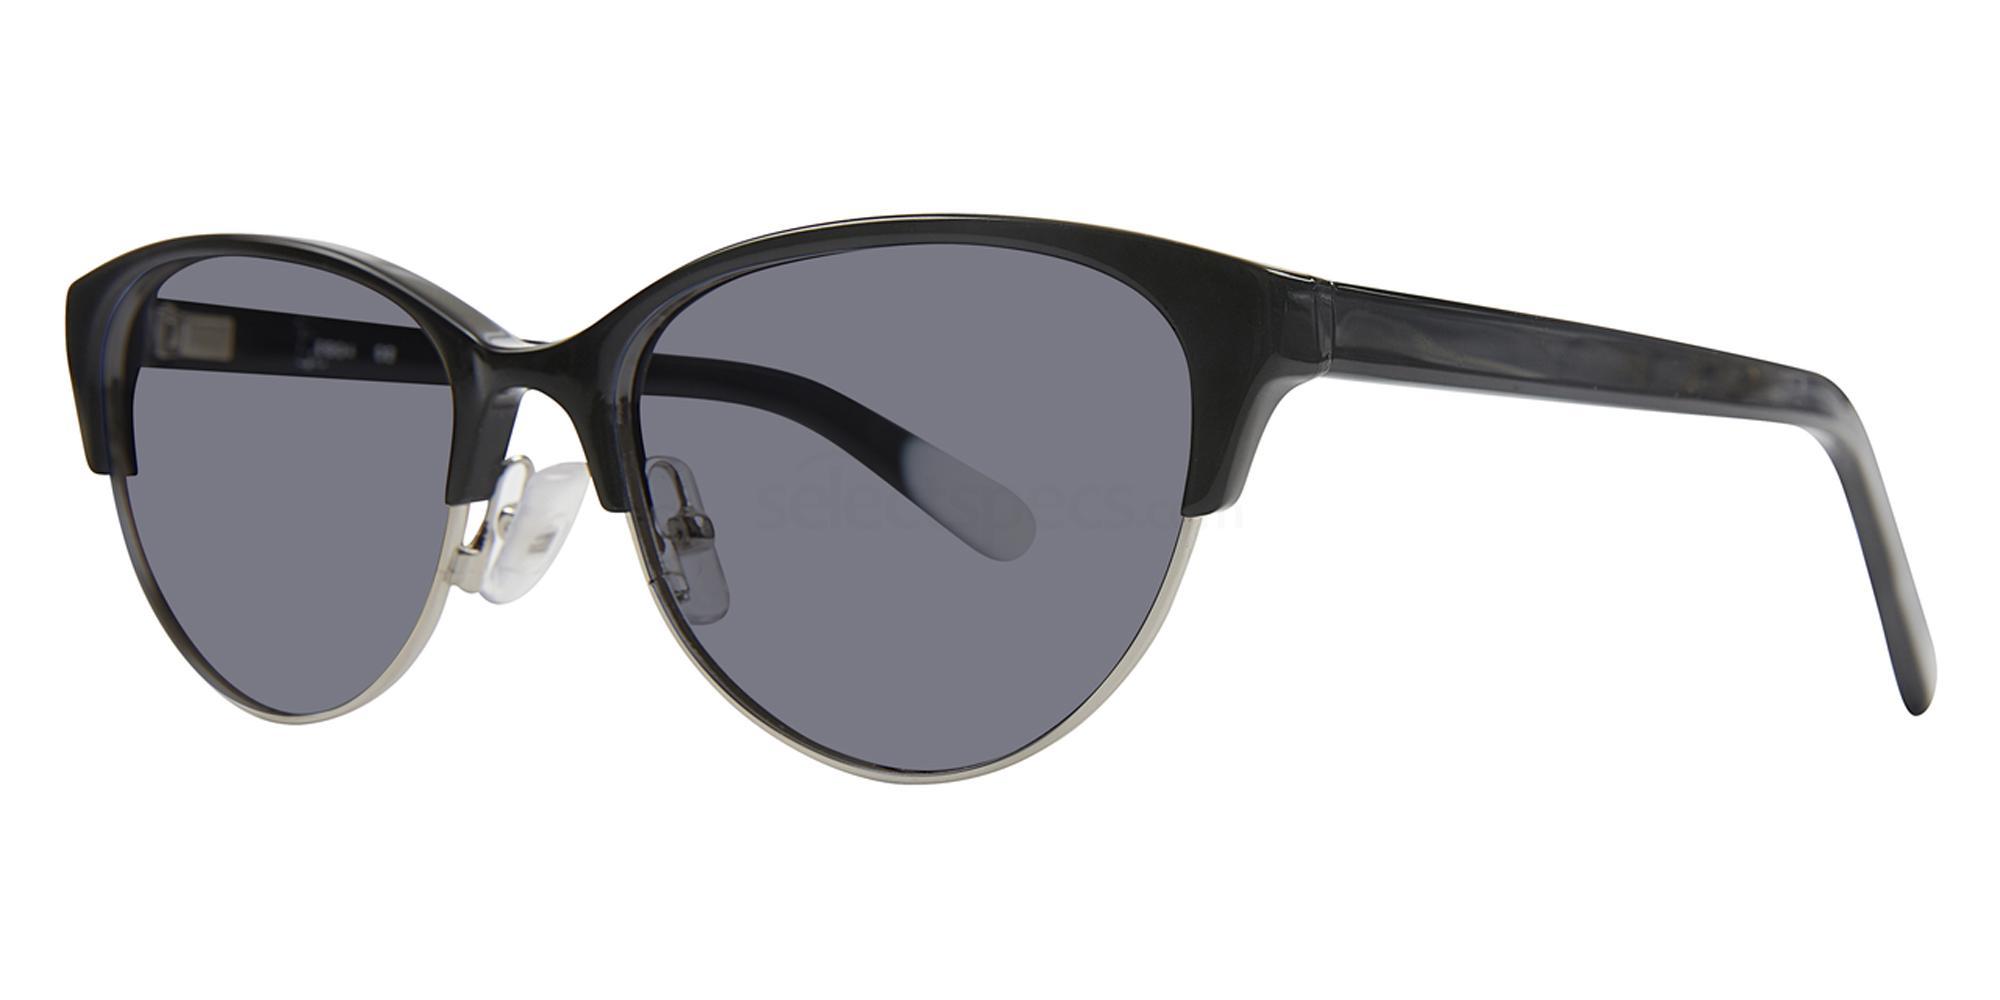 C2 Kings Sunglasses, Joseph